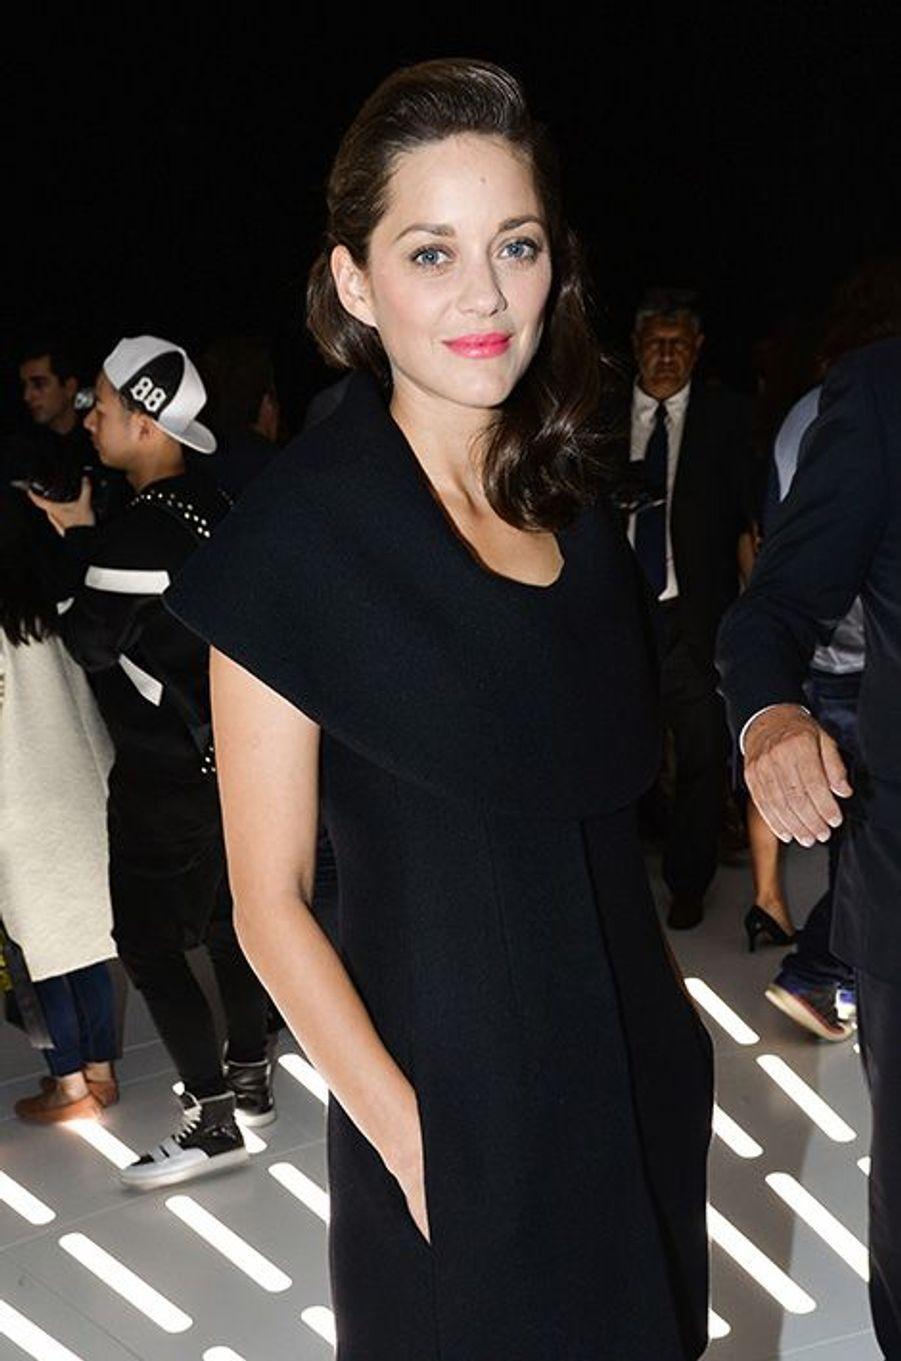 Marion Cotillard au défilé Christian Dior, le 26 septembre 2014, à Paris